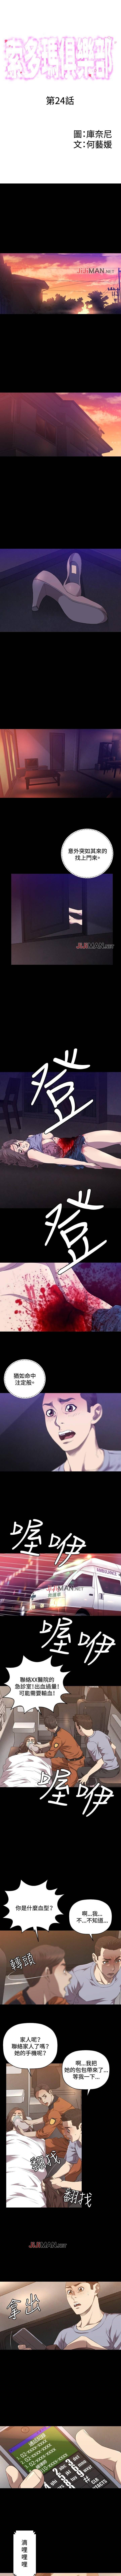 【已完结】索多玛俱乐部(作者:何藝媛&庫奈尼) 第1~32话 112